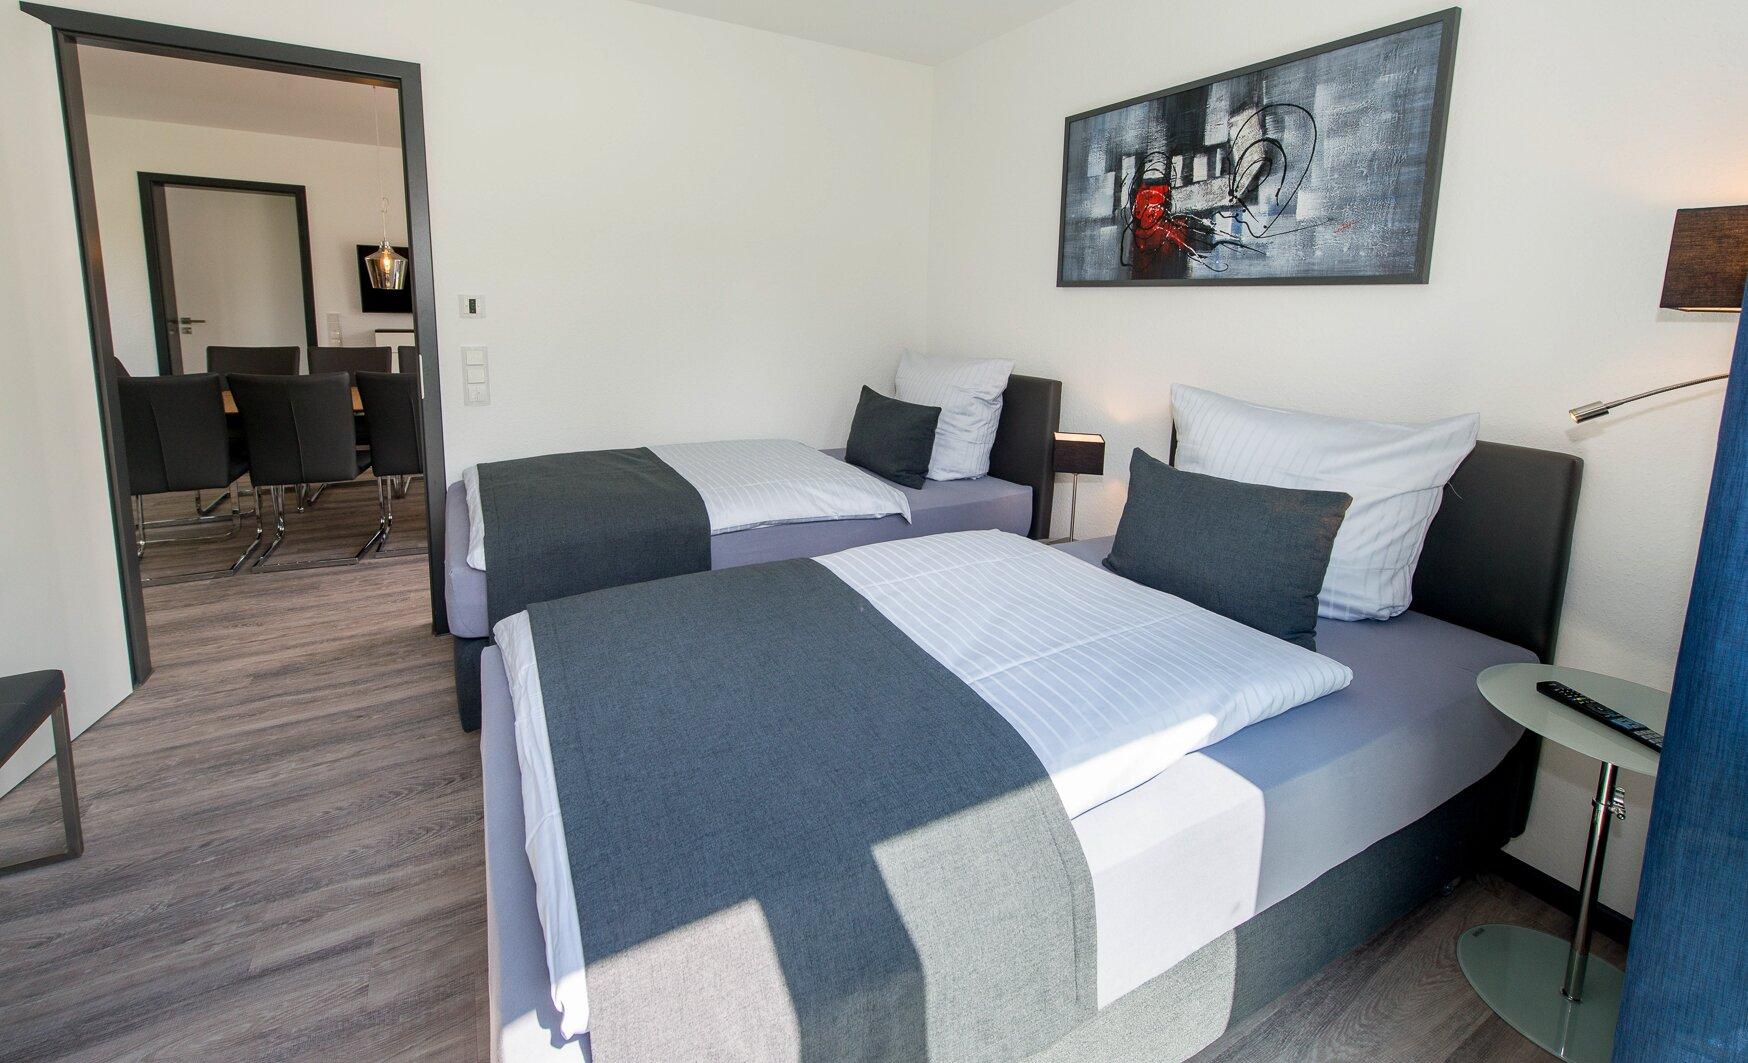 Gr. Wohnraum, 2 Schlafzimmer, Küche +Bad